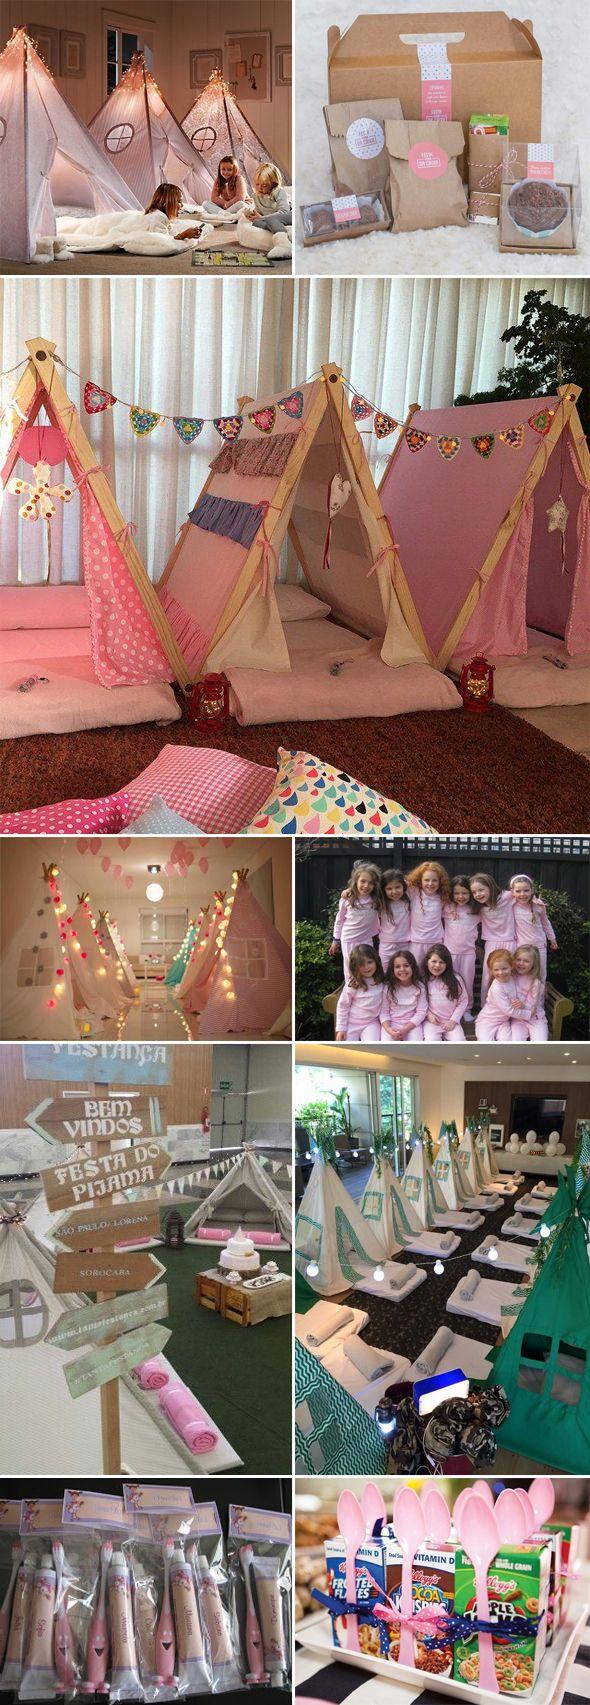 Festa do pijama  |  Les Divas